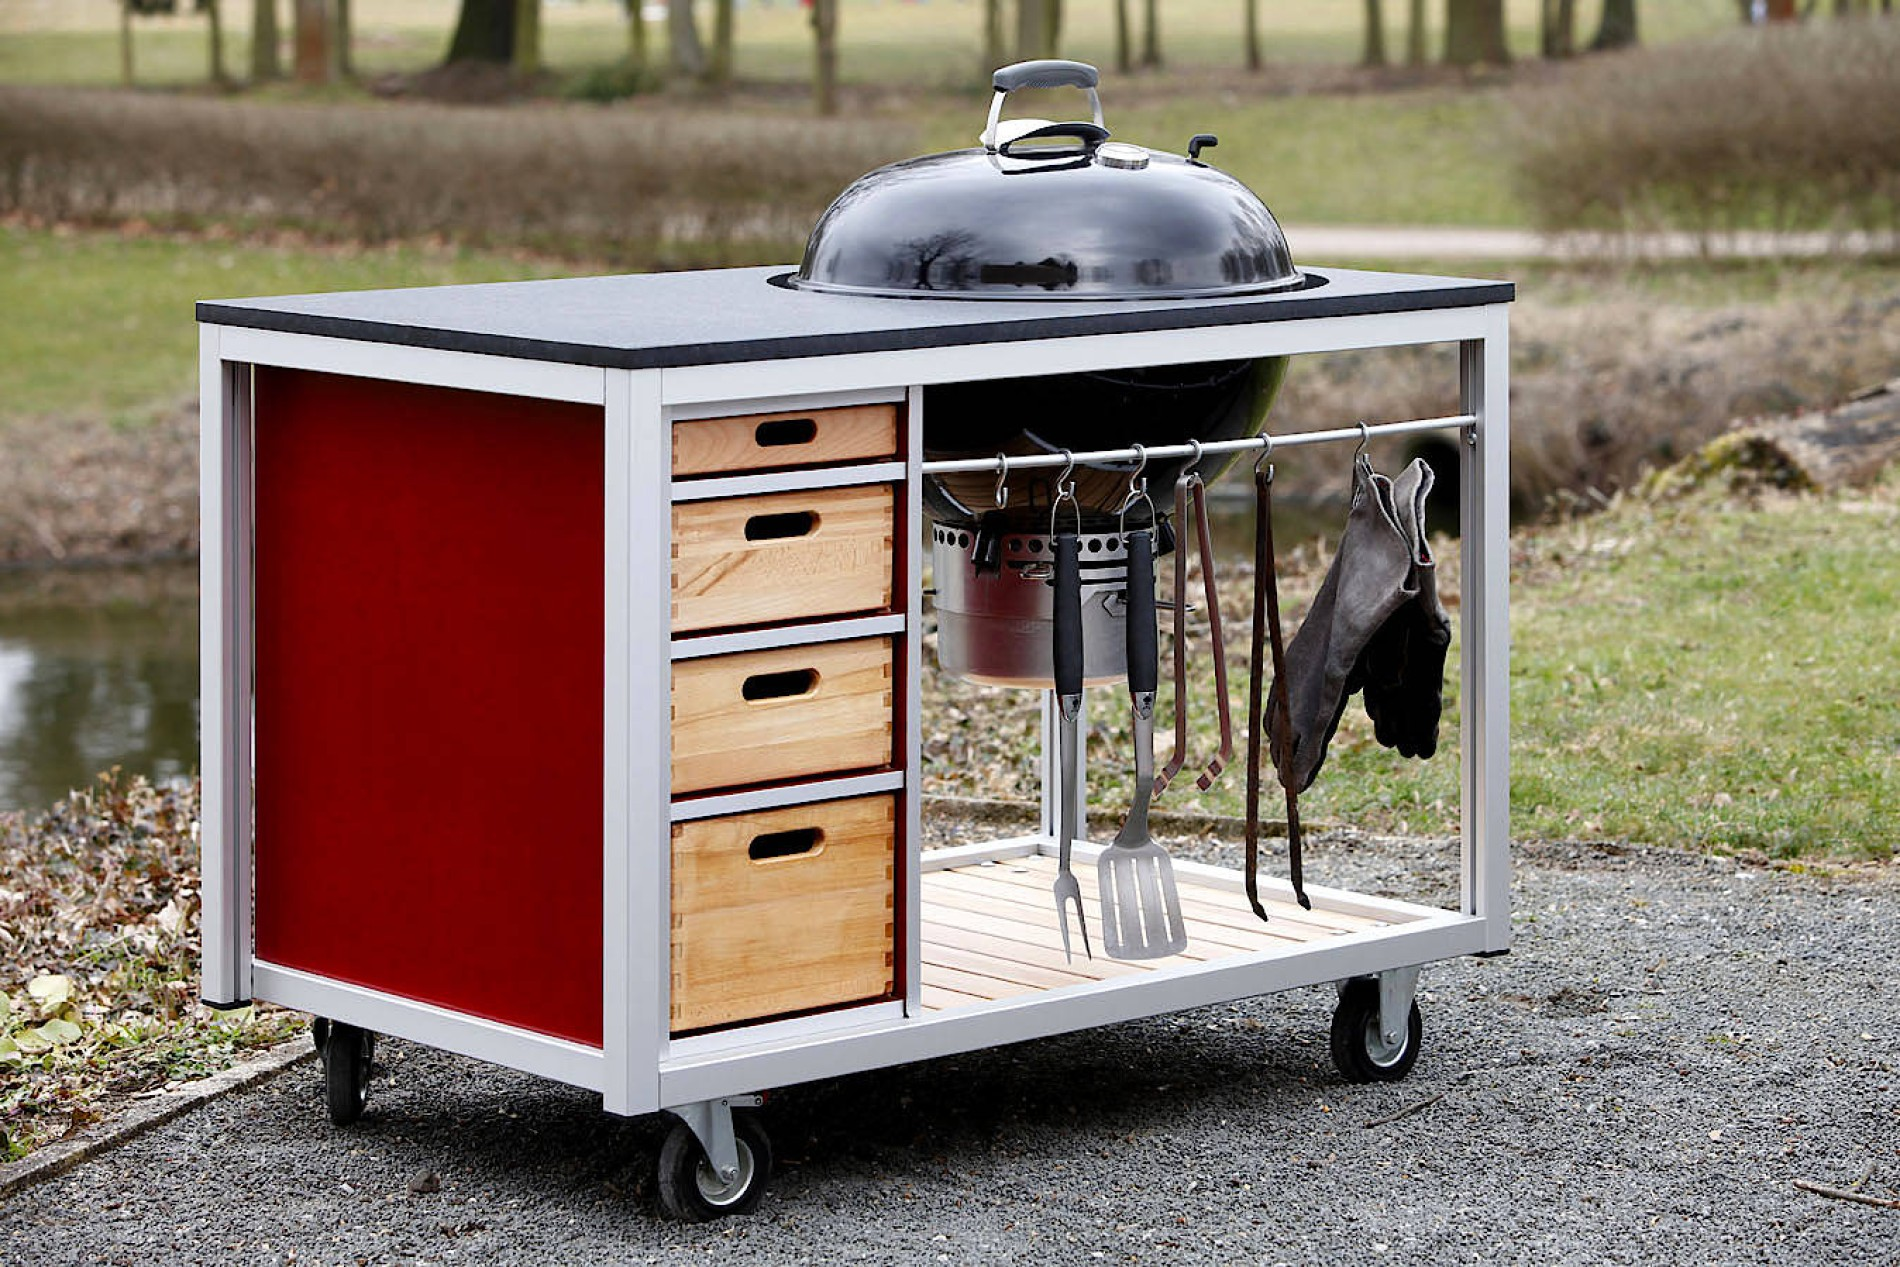 Outdoor Küche Edelstahl Quad : Outdoor küchen koch komm raus